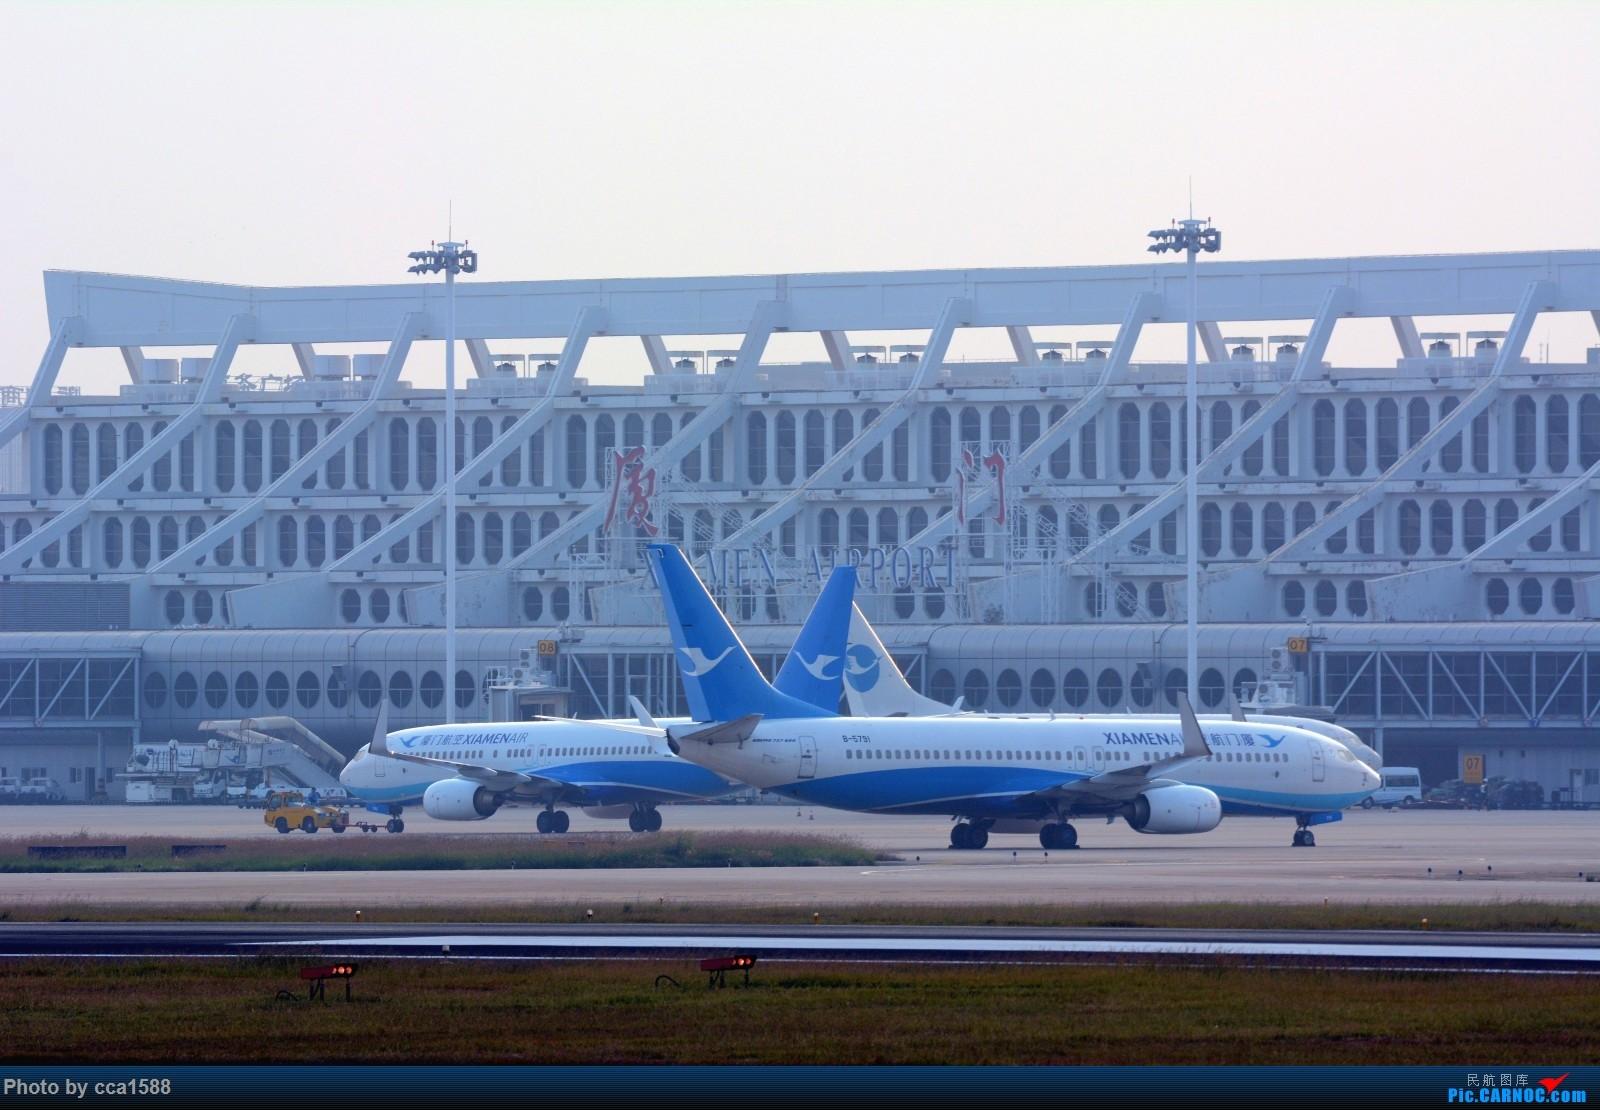 [原创]【福州飞友会】首拍汉莎第一架747-8(厦门的拍机位置真心不好啊)    中国厦门高崎国际机场